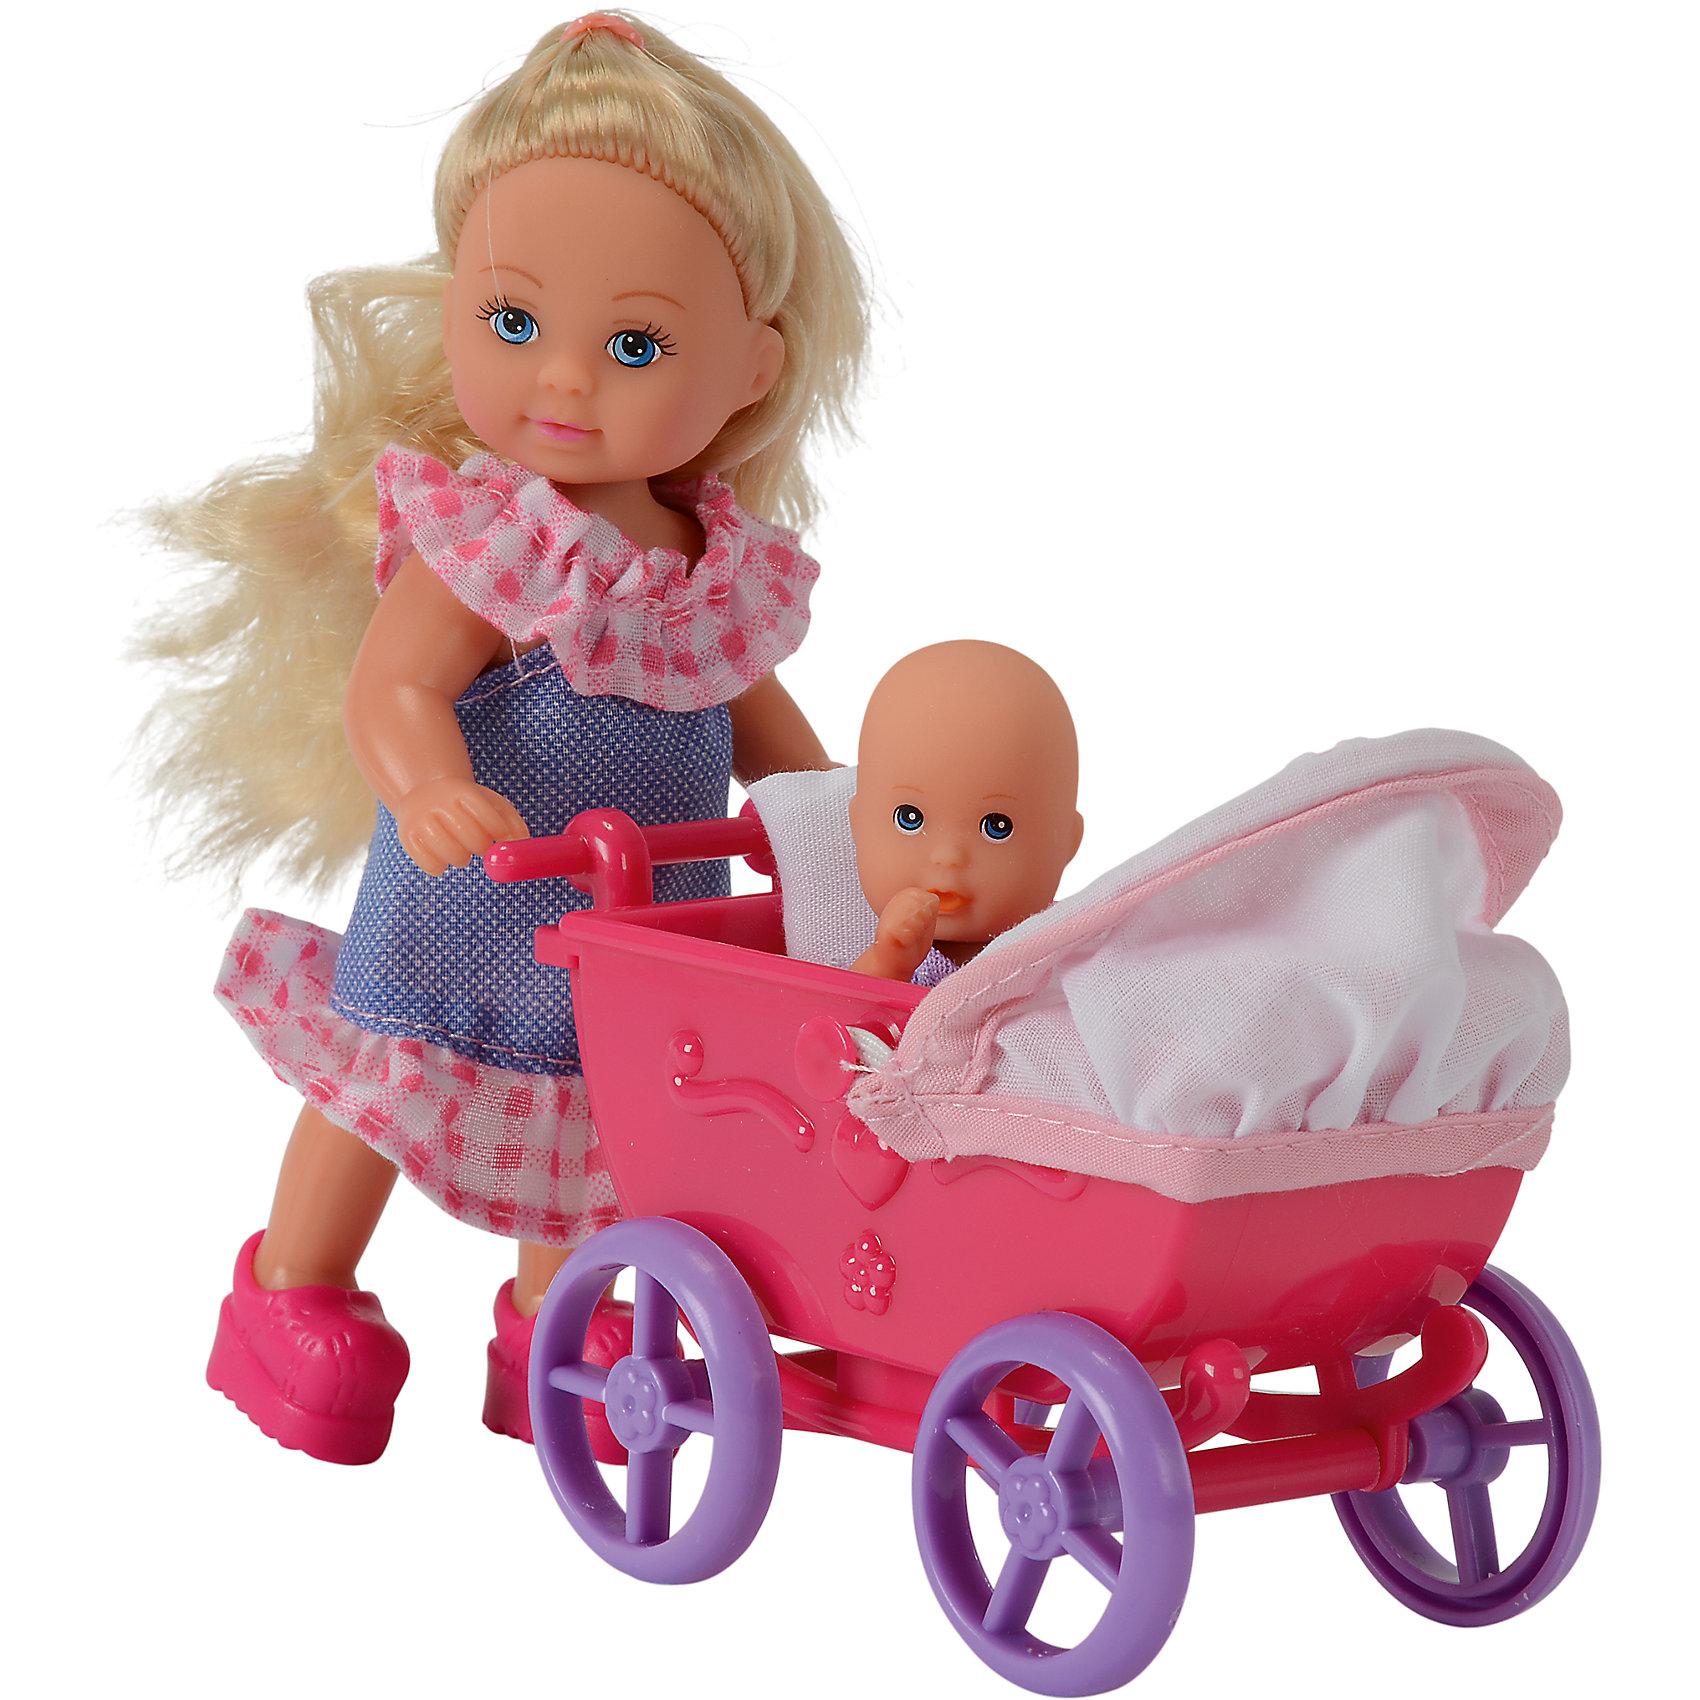 Кукла Еви с малышом на прогулке, Simba, в ассортиментеБренды кукол<br>Характеристики товара:<br><br>- цвет: разноцветный;<br>- материал: пластик;<br>- возраст: от трех лет;<br>- комплектация: кукла, аксессуары, пупс;<br>- высота куклы: 12 см.<br><br>Эта симпатичная кукла Еви от известного бренда не оставит девочку равнодушной! Какая девочка сможет отказаться поиграть с куклами, которые дополнены набором в виде ребенка и предметов для него?! В набор входят аксессуары для игр с куклой. Игрушка очень качественно выполнена, поэтому она станет замечательным подарком ребенку. <br>Продается набор в красивой удобной упаковке. Изделие произведено из высококачественного материала, безопасного для детей.<br><br>Куклу Еви с малышом на прогулке с акс от бренда Simba можно купить в нашем интернет-магазине.<br><br>Ширина мм: 220<br>Глубина мм: 60<br>Высота мм: 160<br>Вес г: 158<br>Возраст от месяцев: 48<br>Возраст до месяцев: 144<br>Пол: Женский<br>Возраст: Детский<br>SKU: 1841901